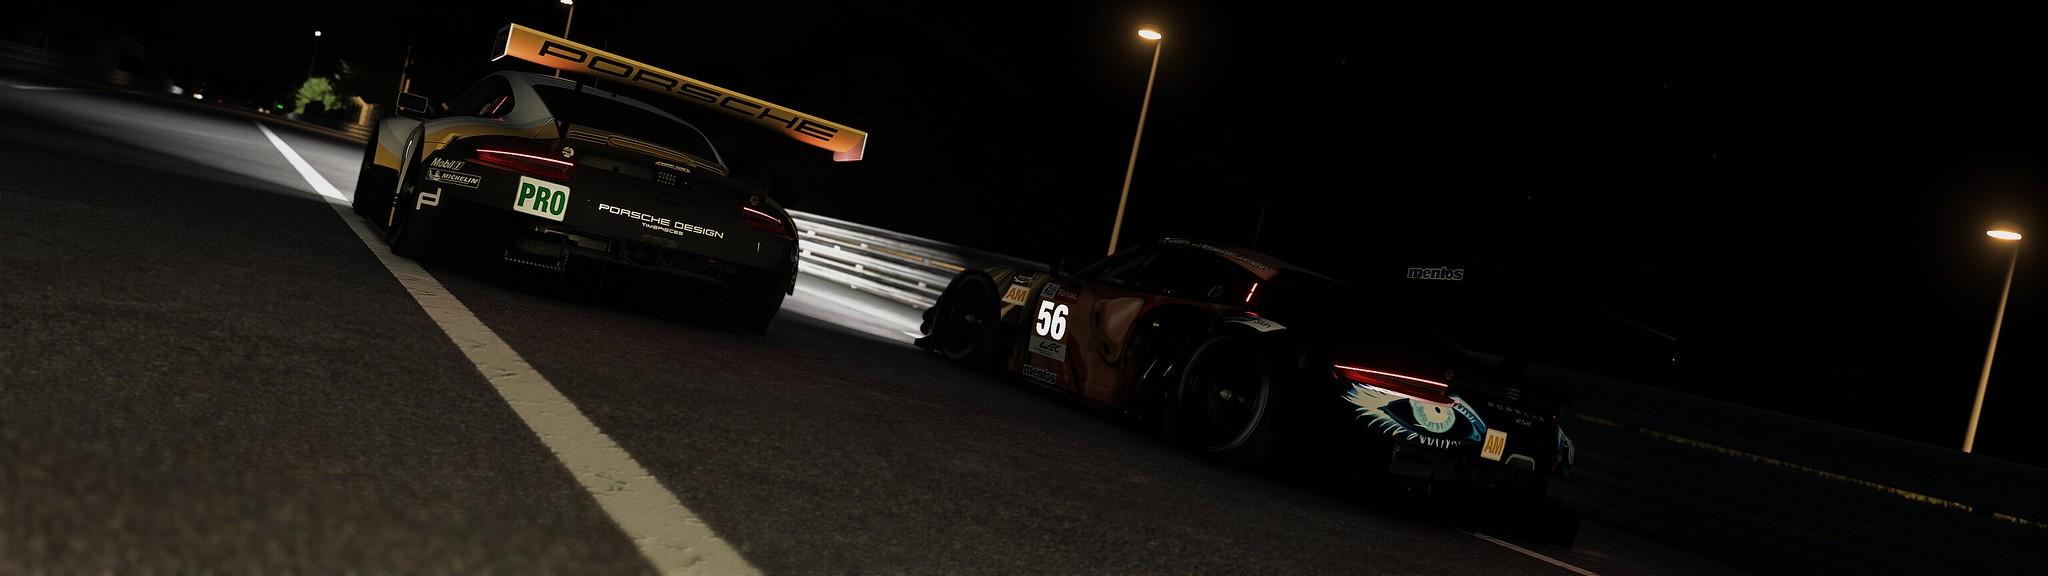 Assetto Corsa - Test Setup Mod Graphic Fx & Sound (Circuit 24 Le Mans) 49416200626_ab7a52046a_k